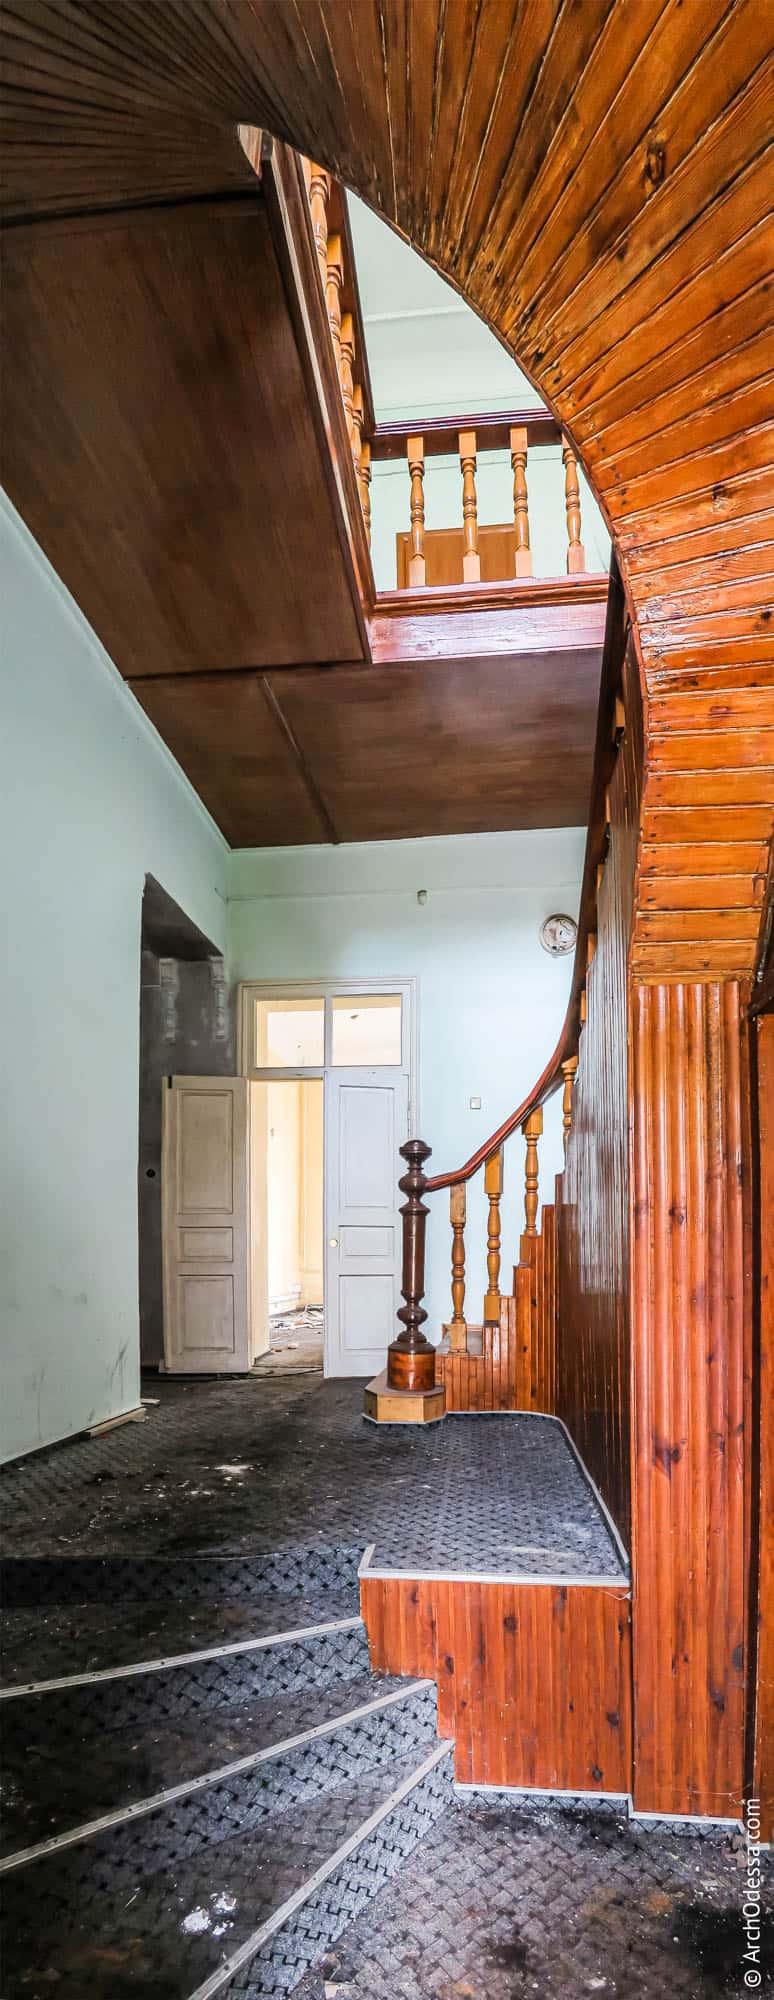 Общий вид вестибюля и лестницы со стороны входа